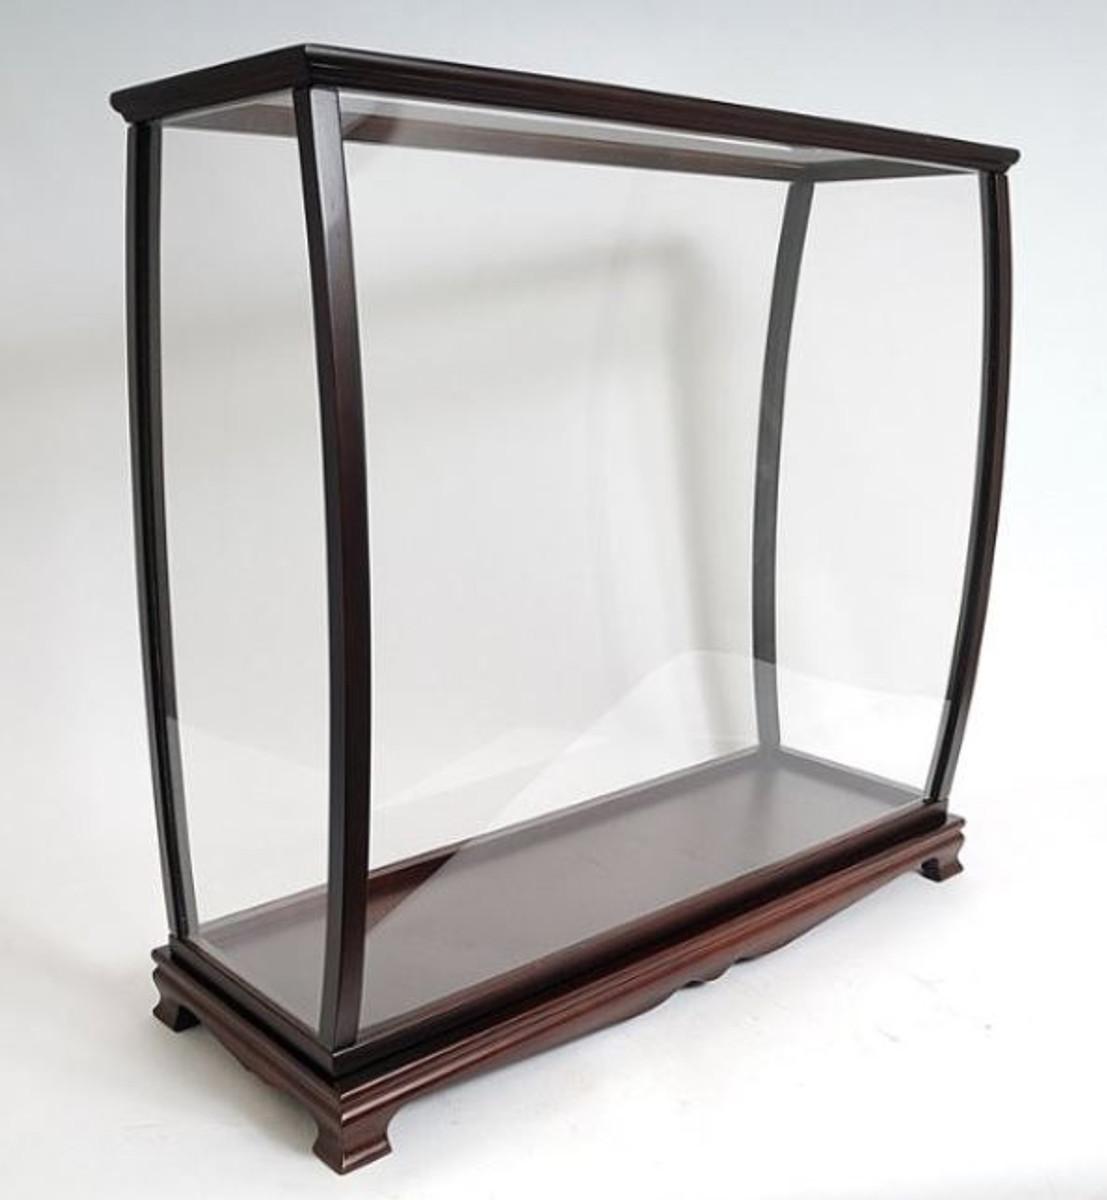 vitrine de luxe casa padrino pour maquettes de bateaux verre bois 34 9 x 101 6 x h 99 7 cm vitrine de bateau pour maquette de bateau